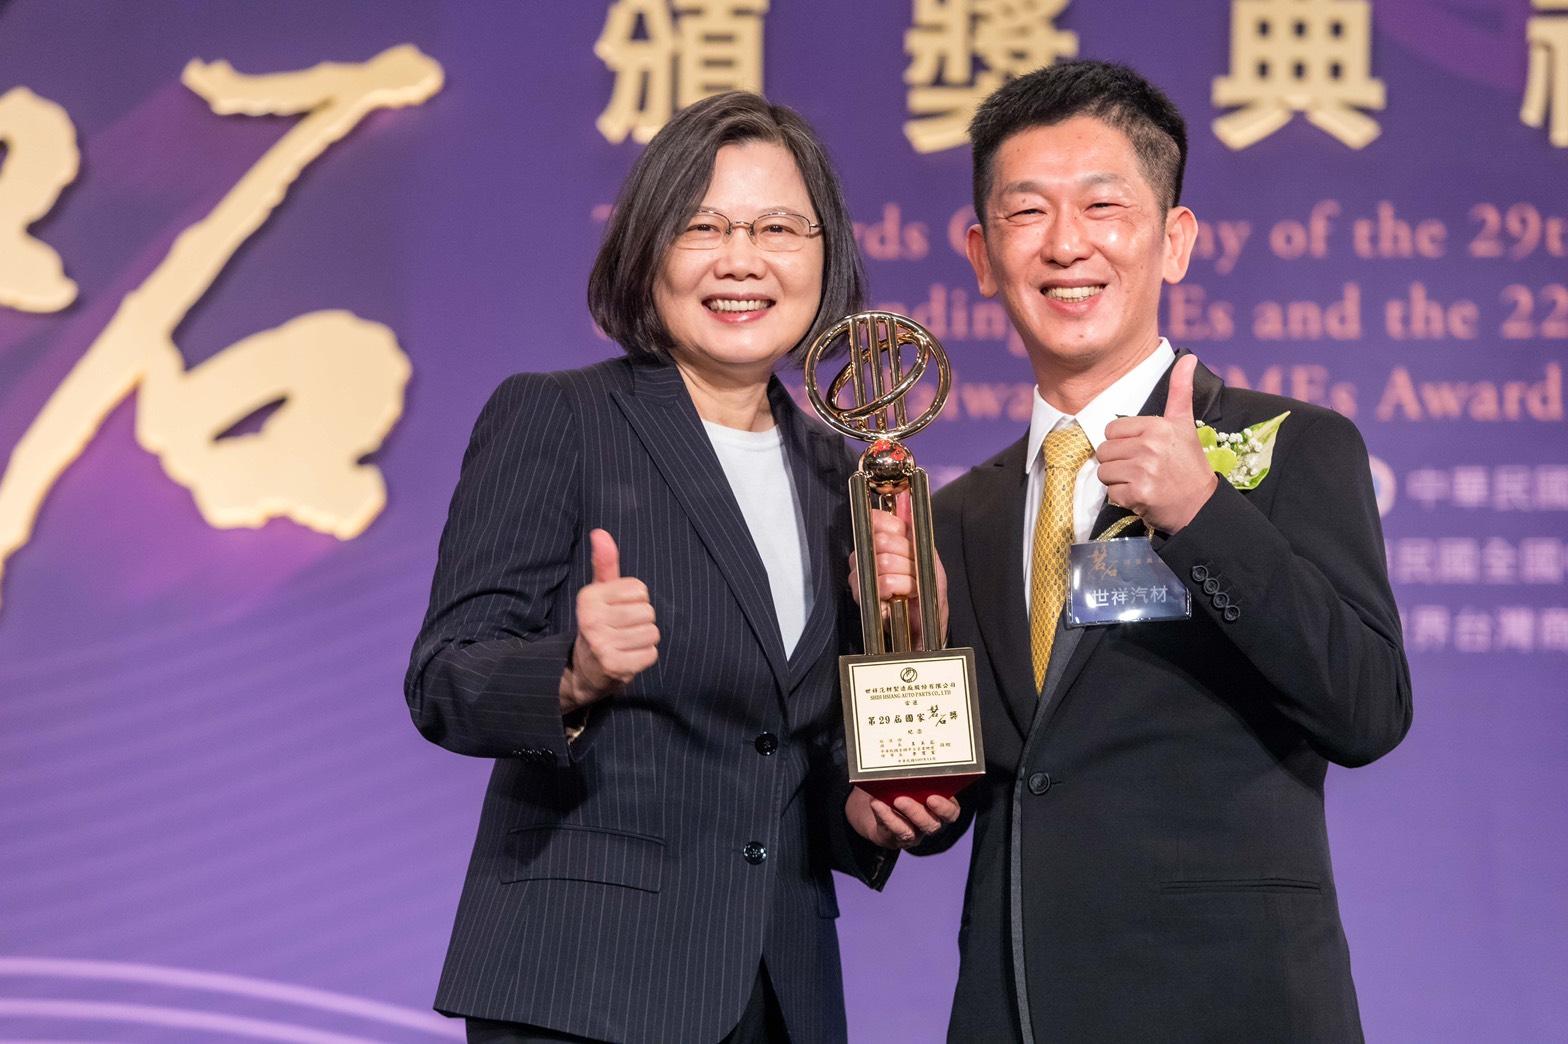 聖約翰科大校友企業獲國家磐石獎 回饋母校共創三贏-AI